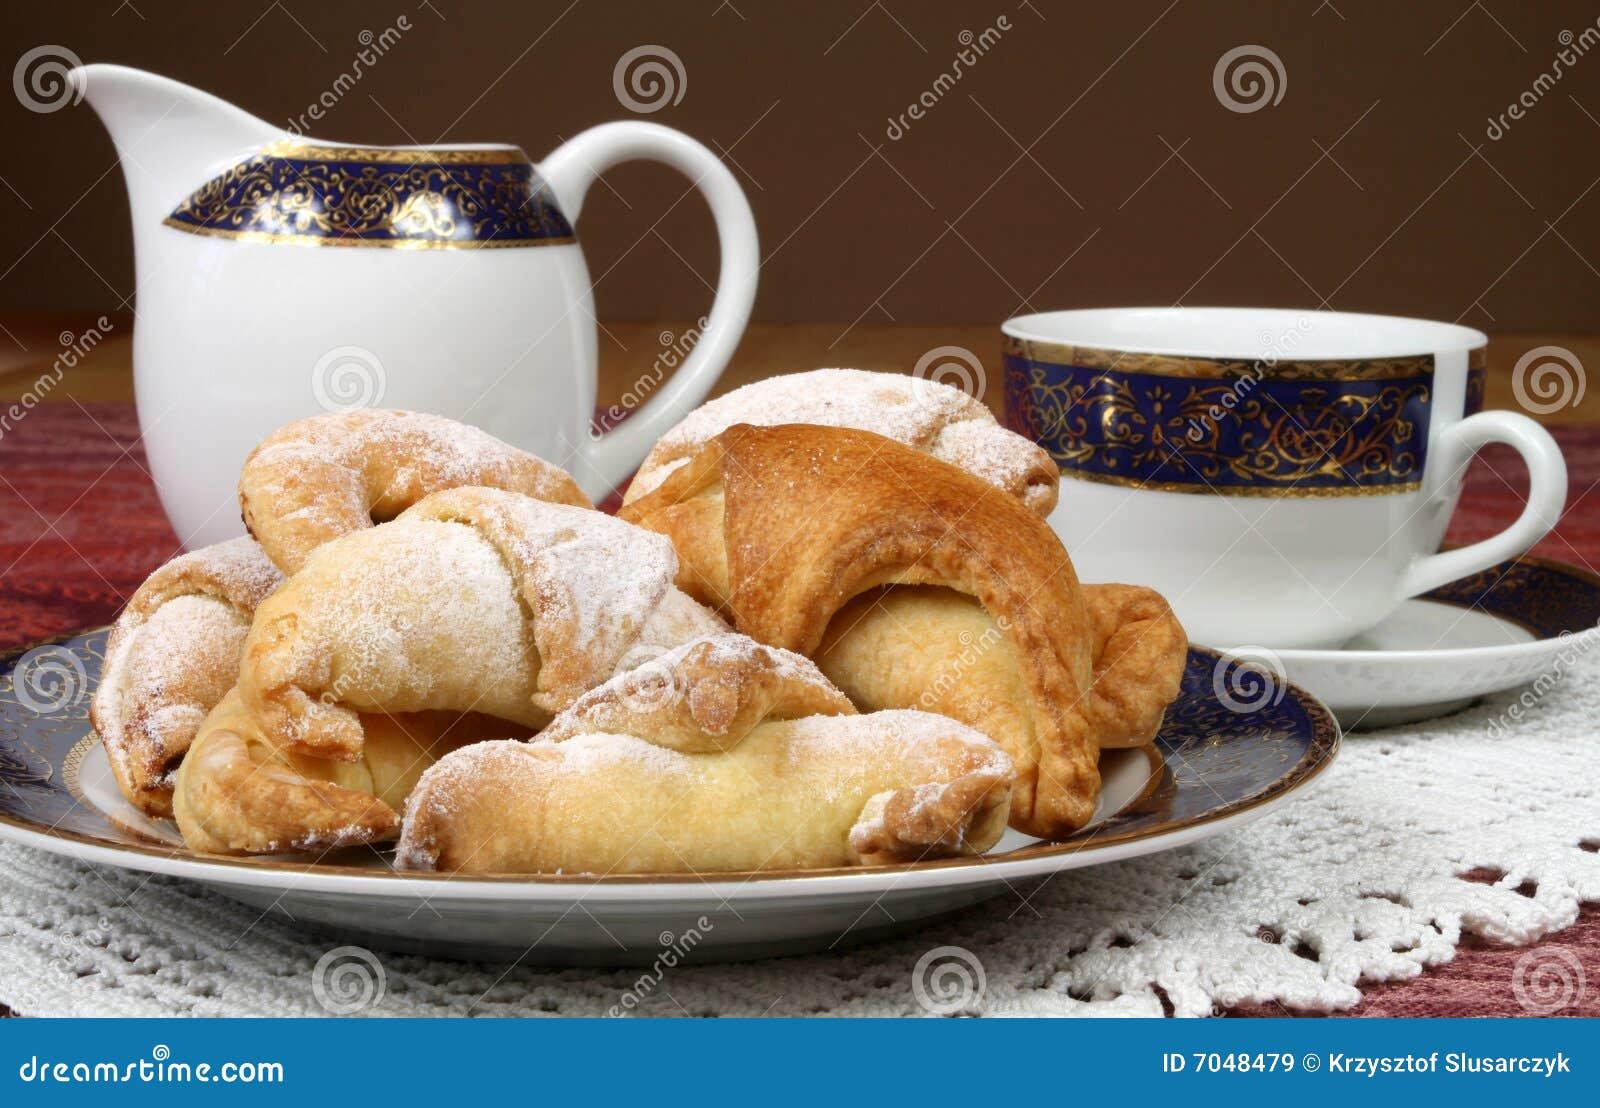 Thee en koekjes